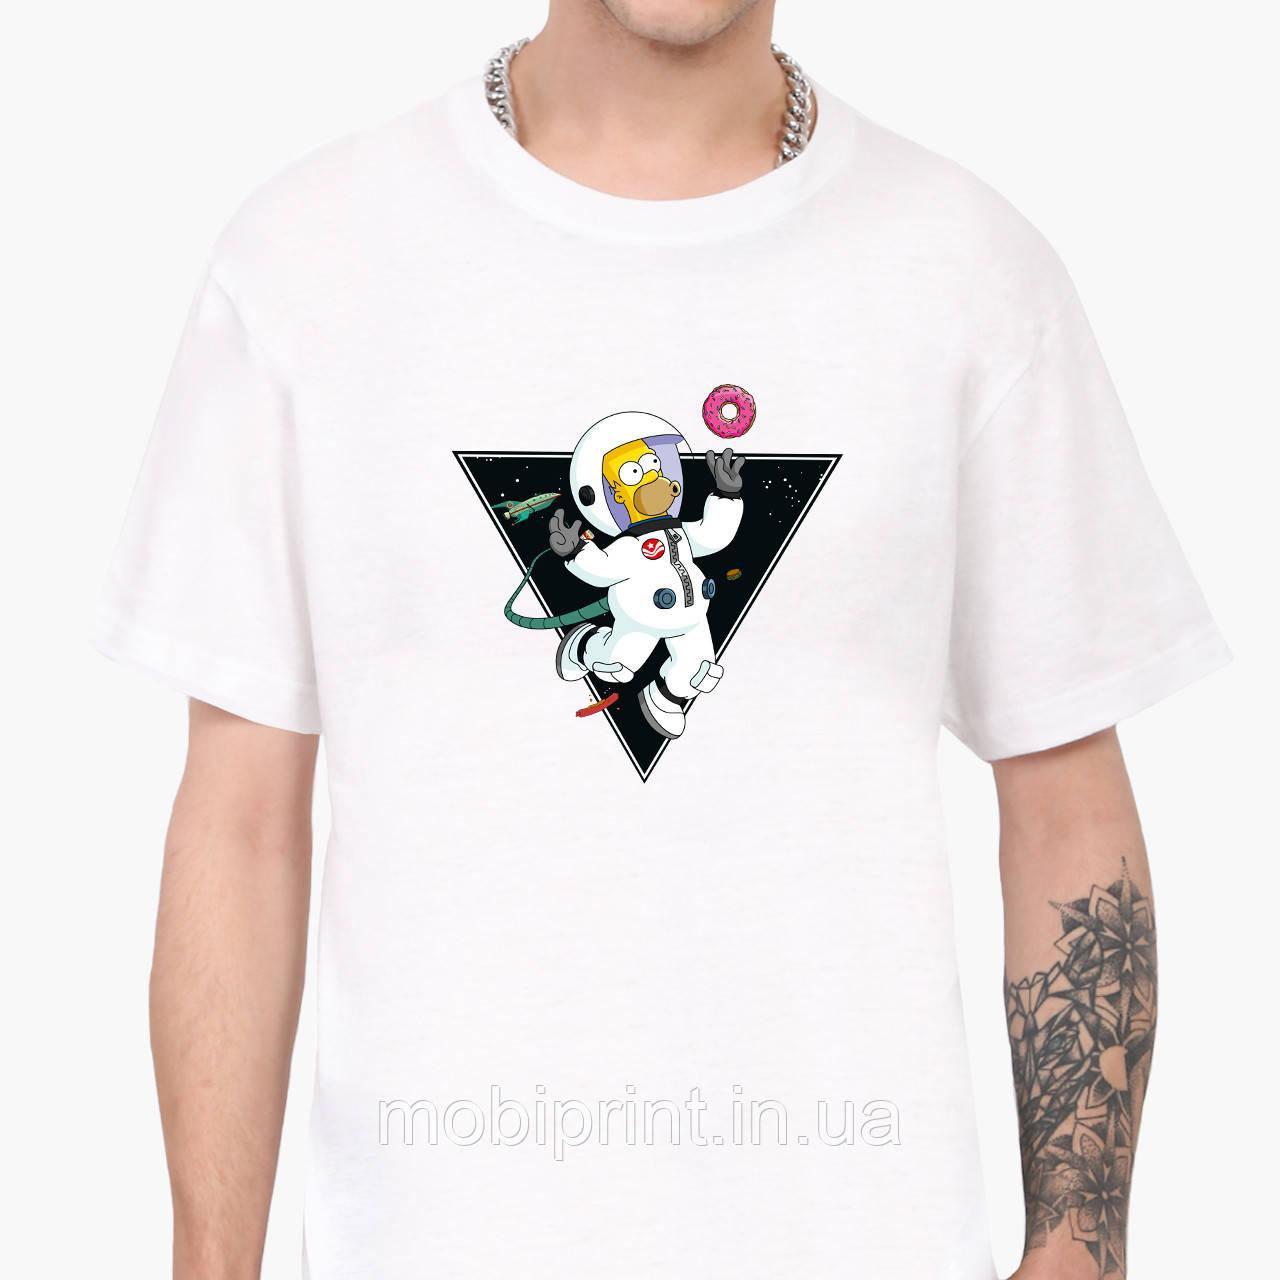 Футболка чоловіча Гомер Сімпсон в космосі (The Simpsons) Білий (9223-2044)